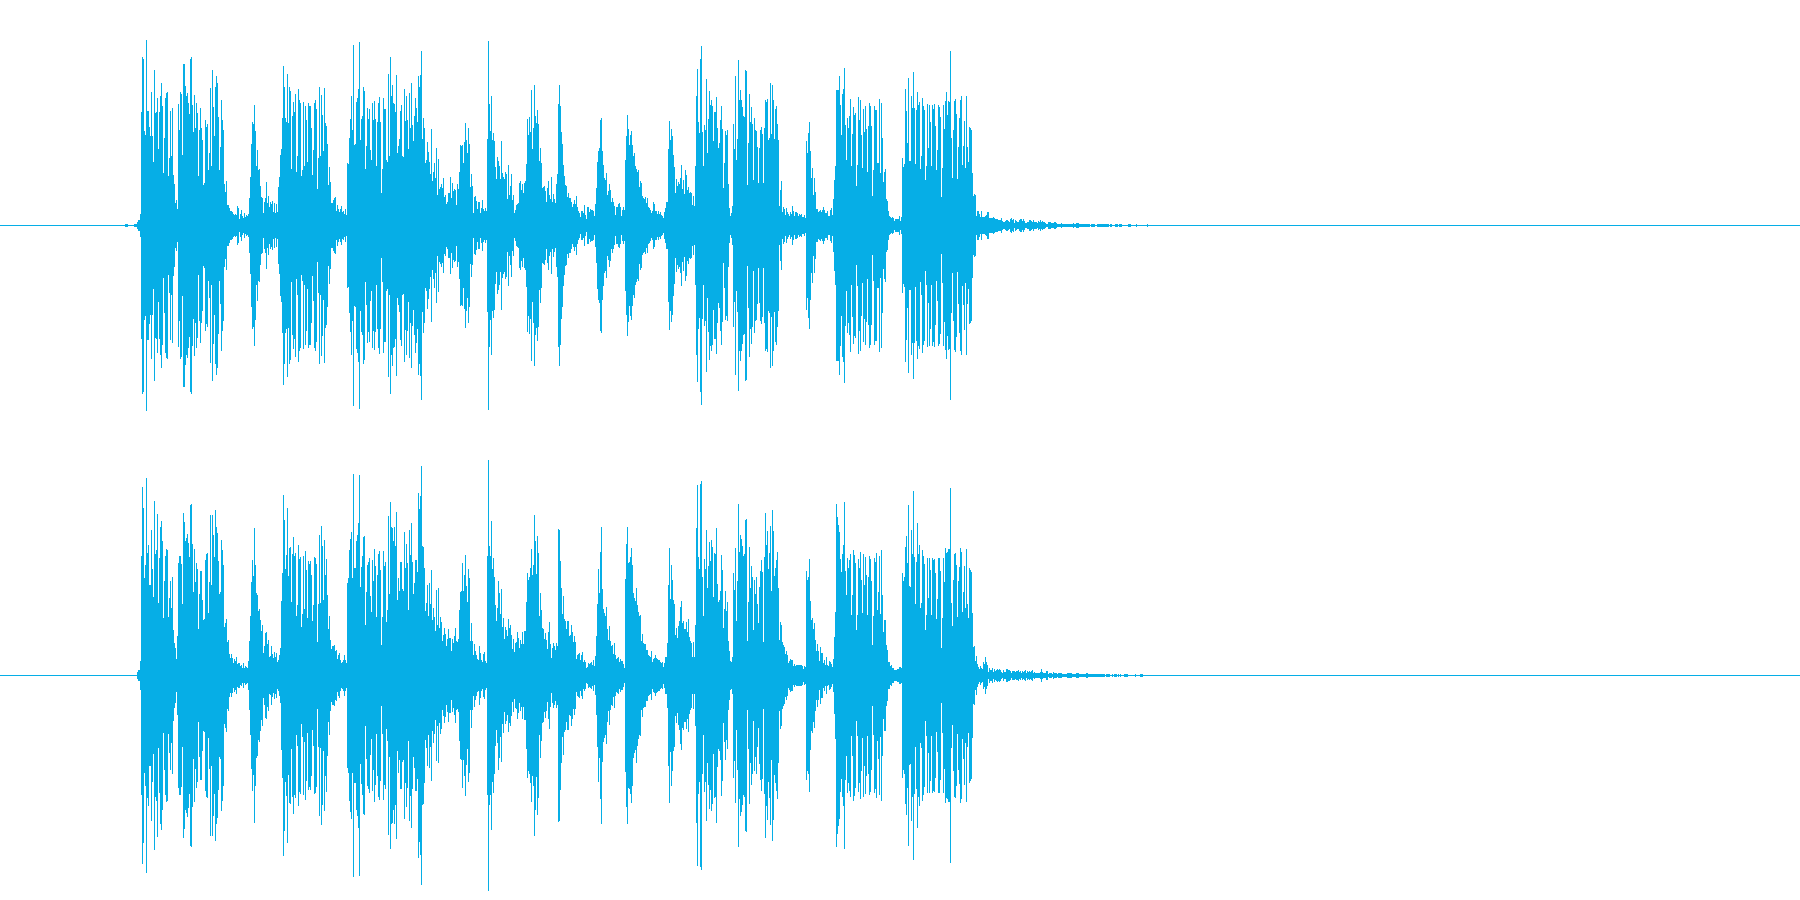 おしゃれでワクワク感のシンセサウンドの再生済みの波形